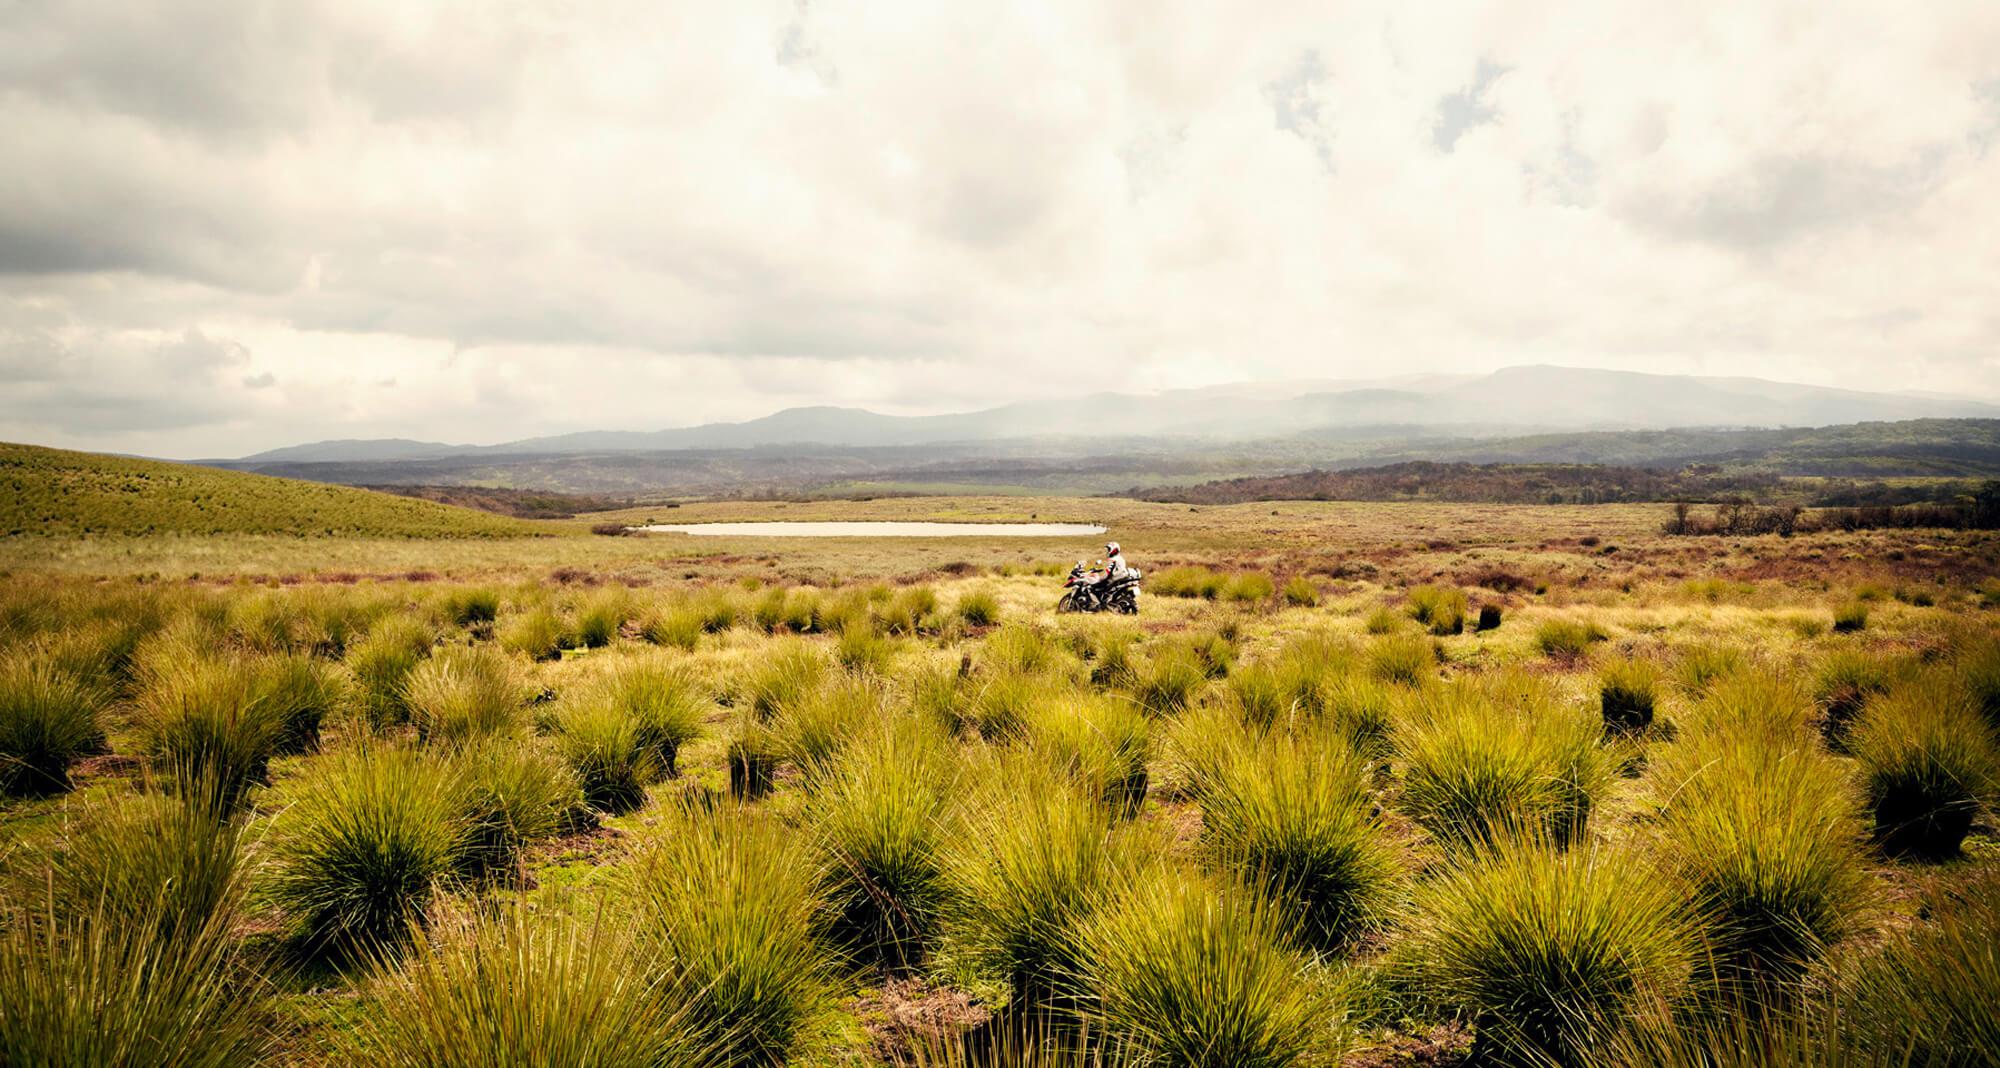 BMW Motorrad Africa by Jan van Endert